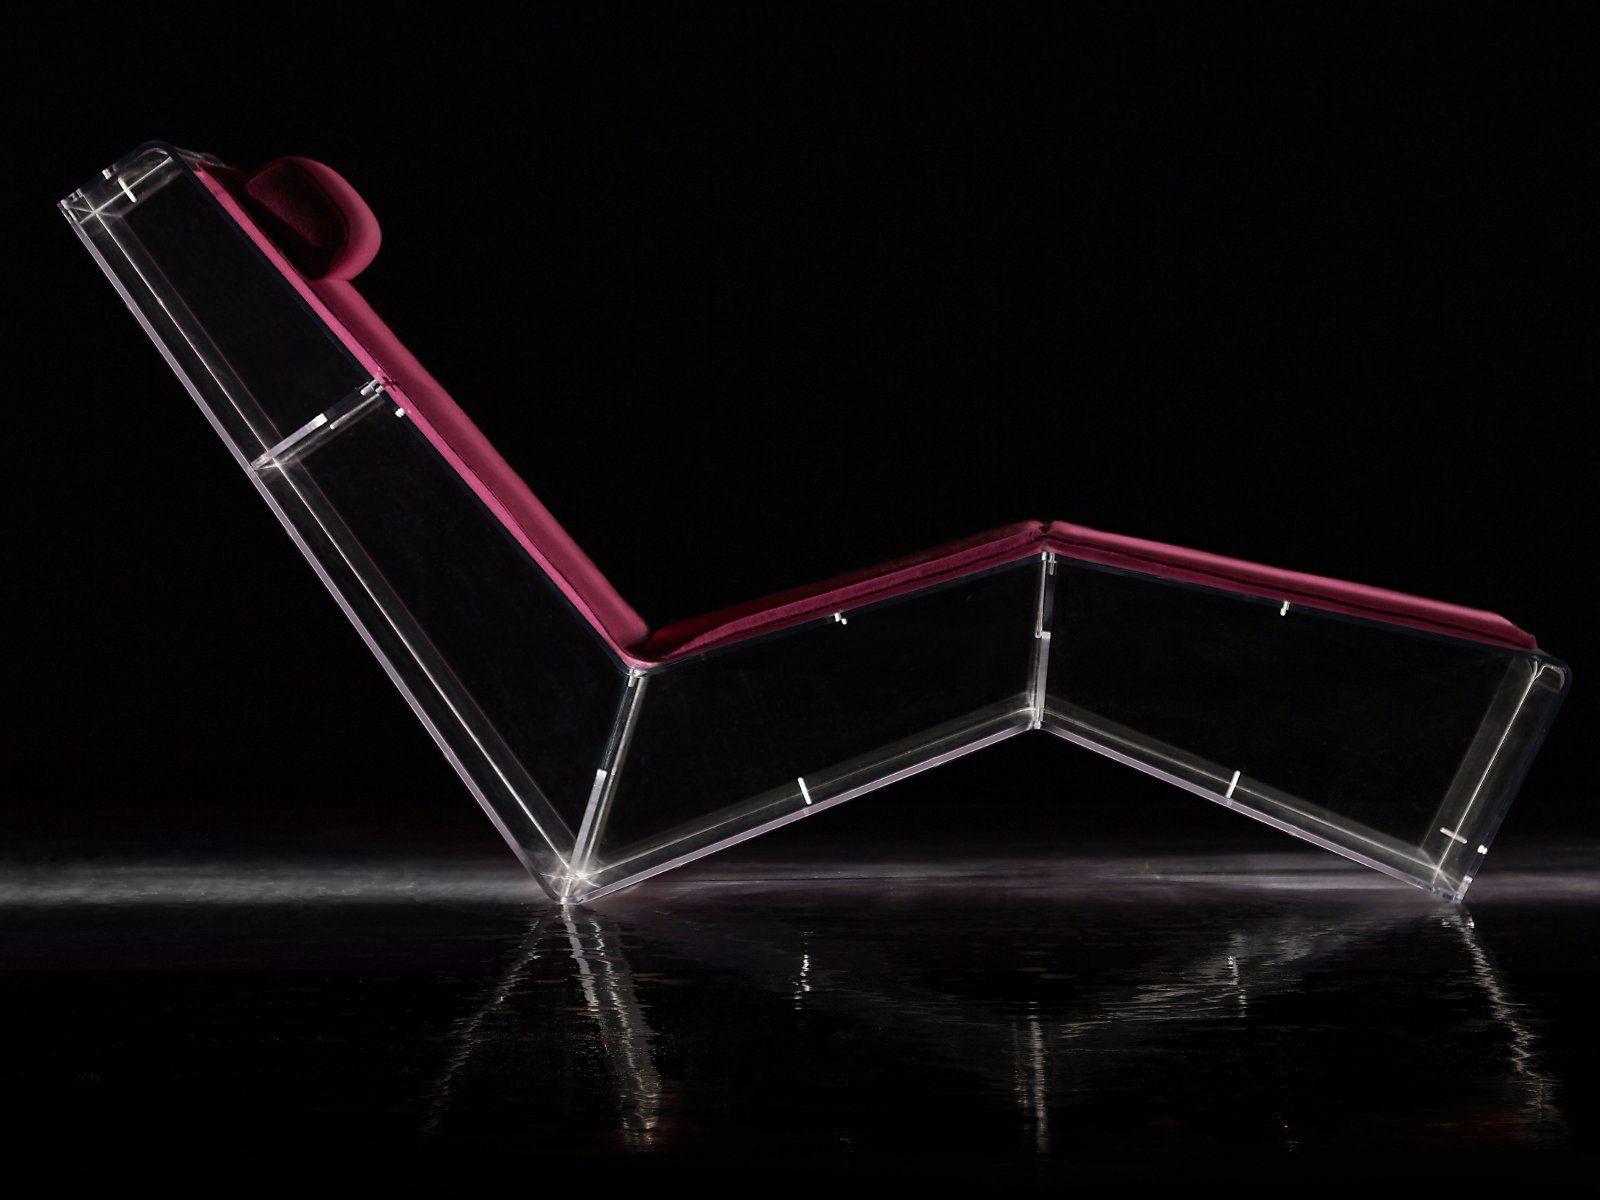 Pmma Lounge Chair Spacebook By La Maison Turrini Design